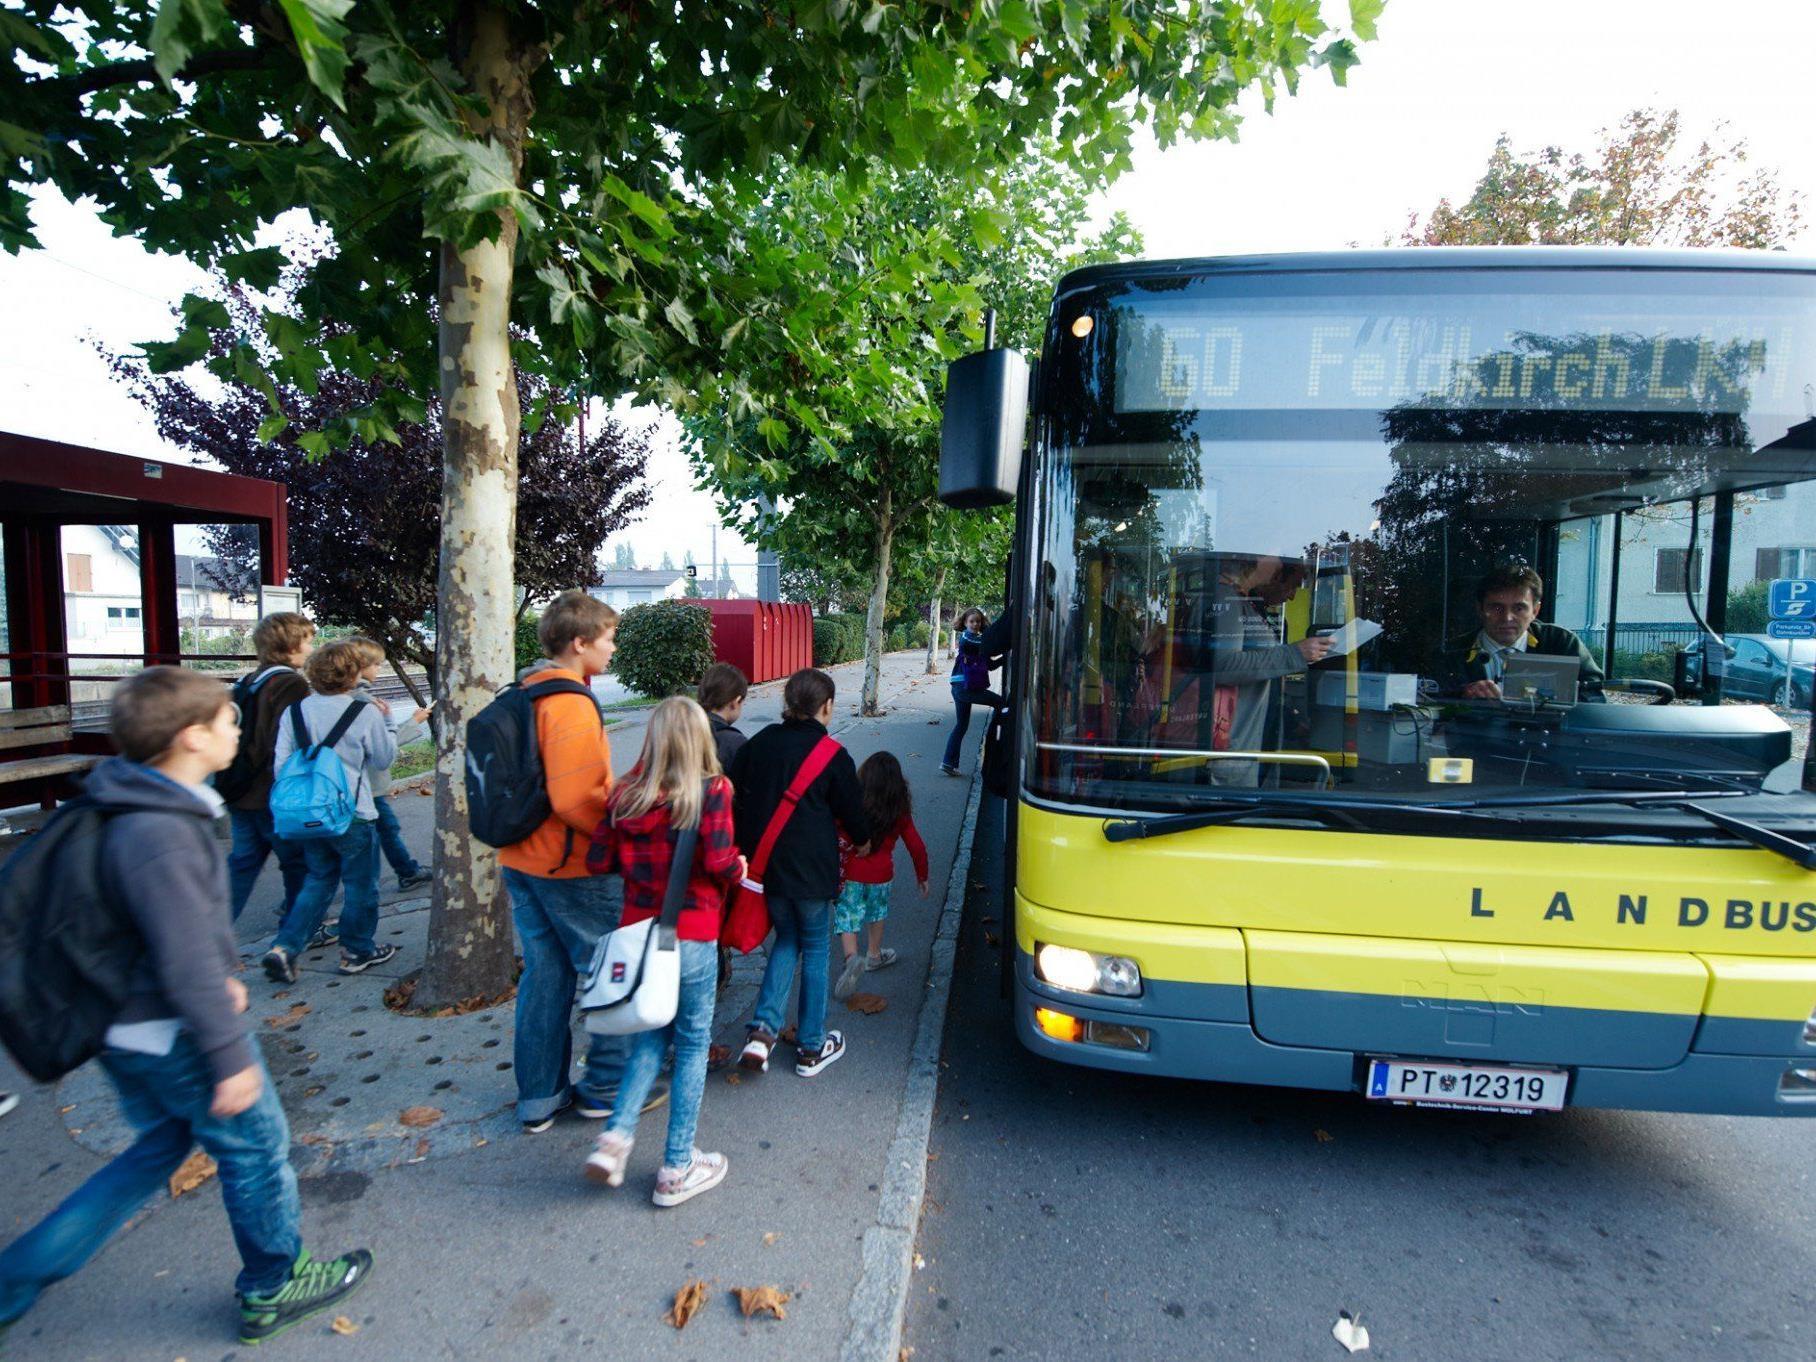 Extrabusse bringen täglich tausende SchülerInnen pünktlich zur Schule.